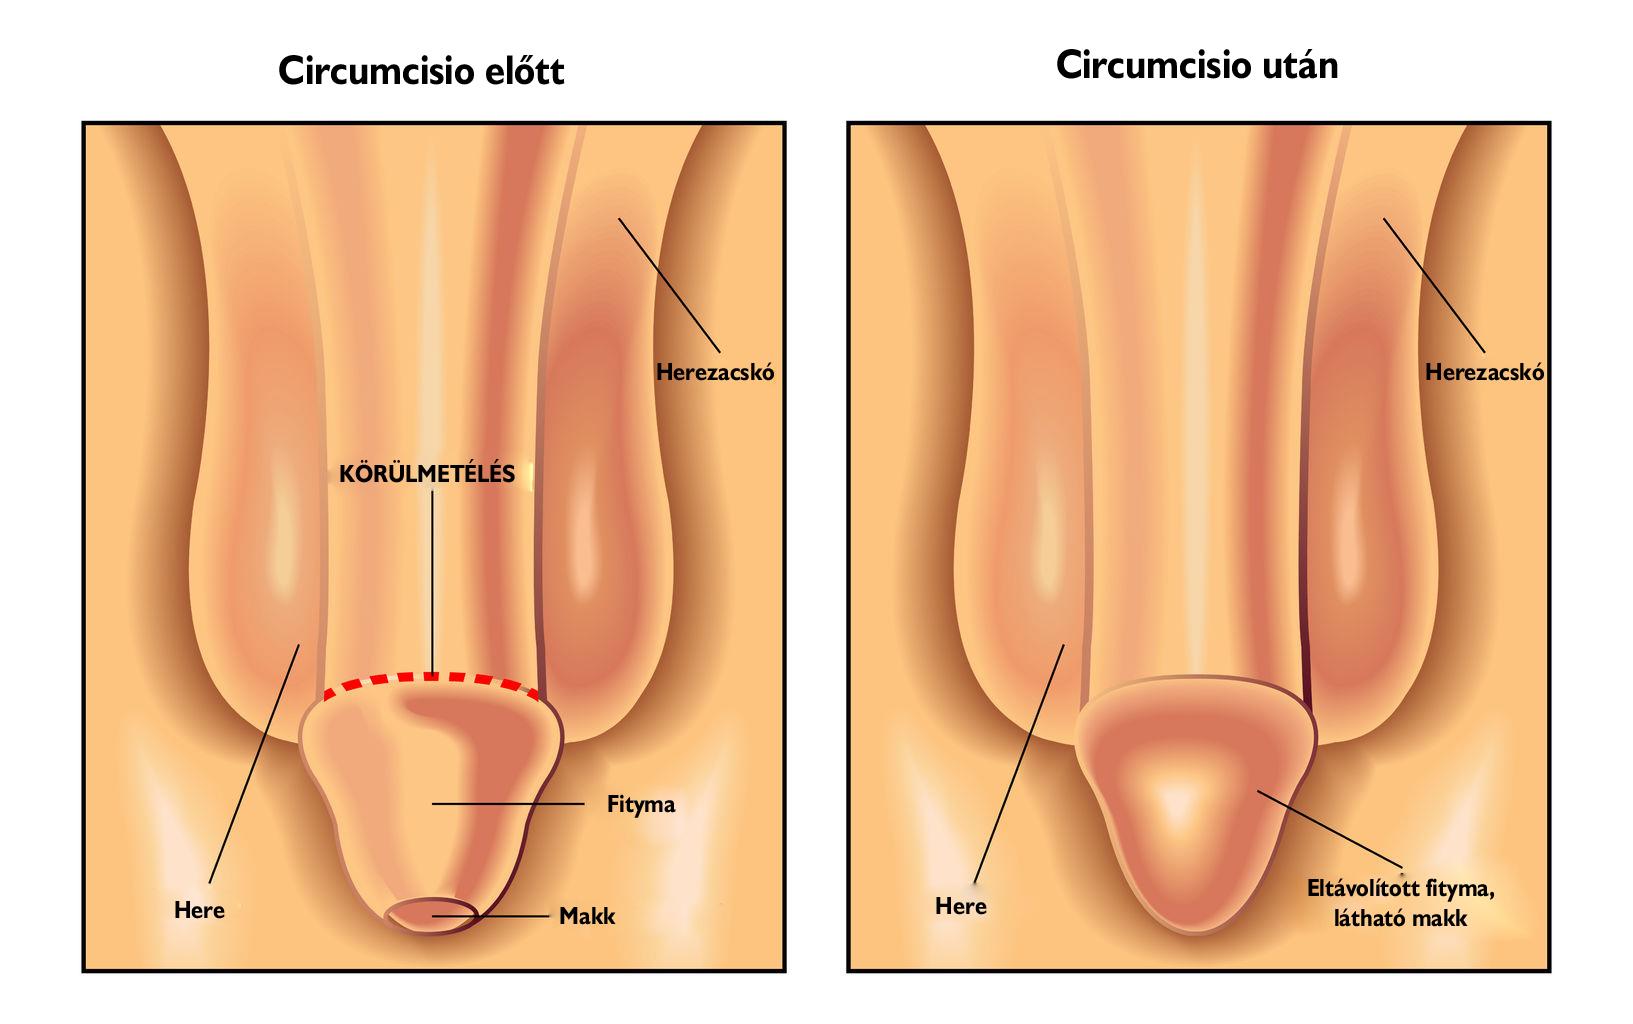 pénisz röntgen alatt)